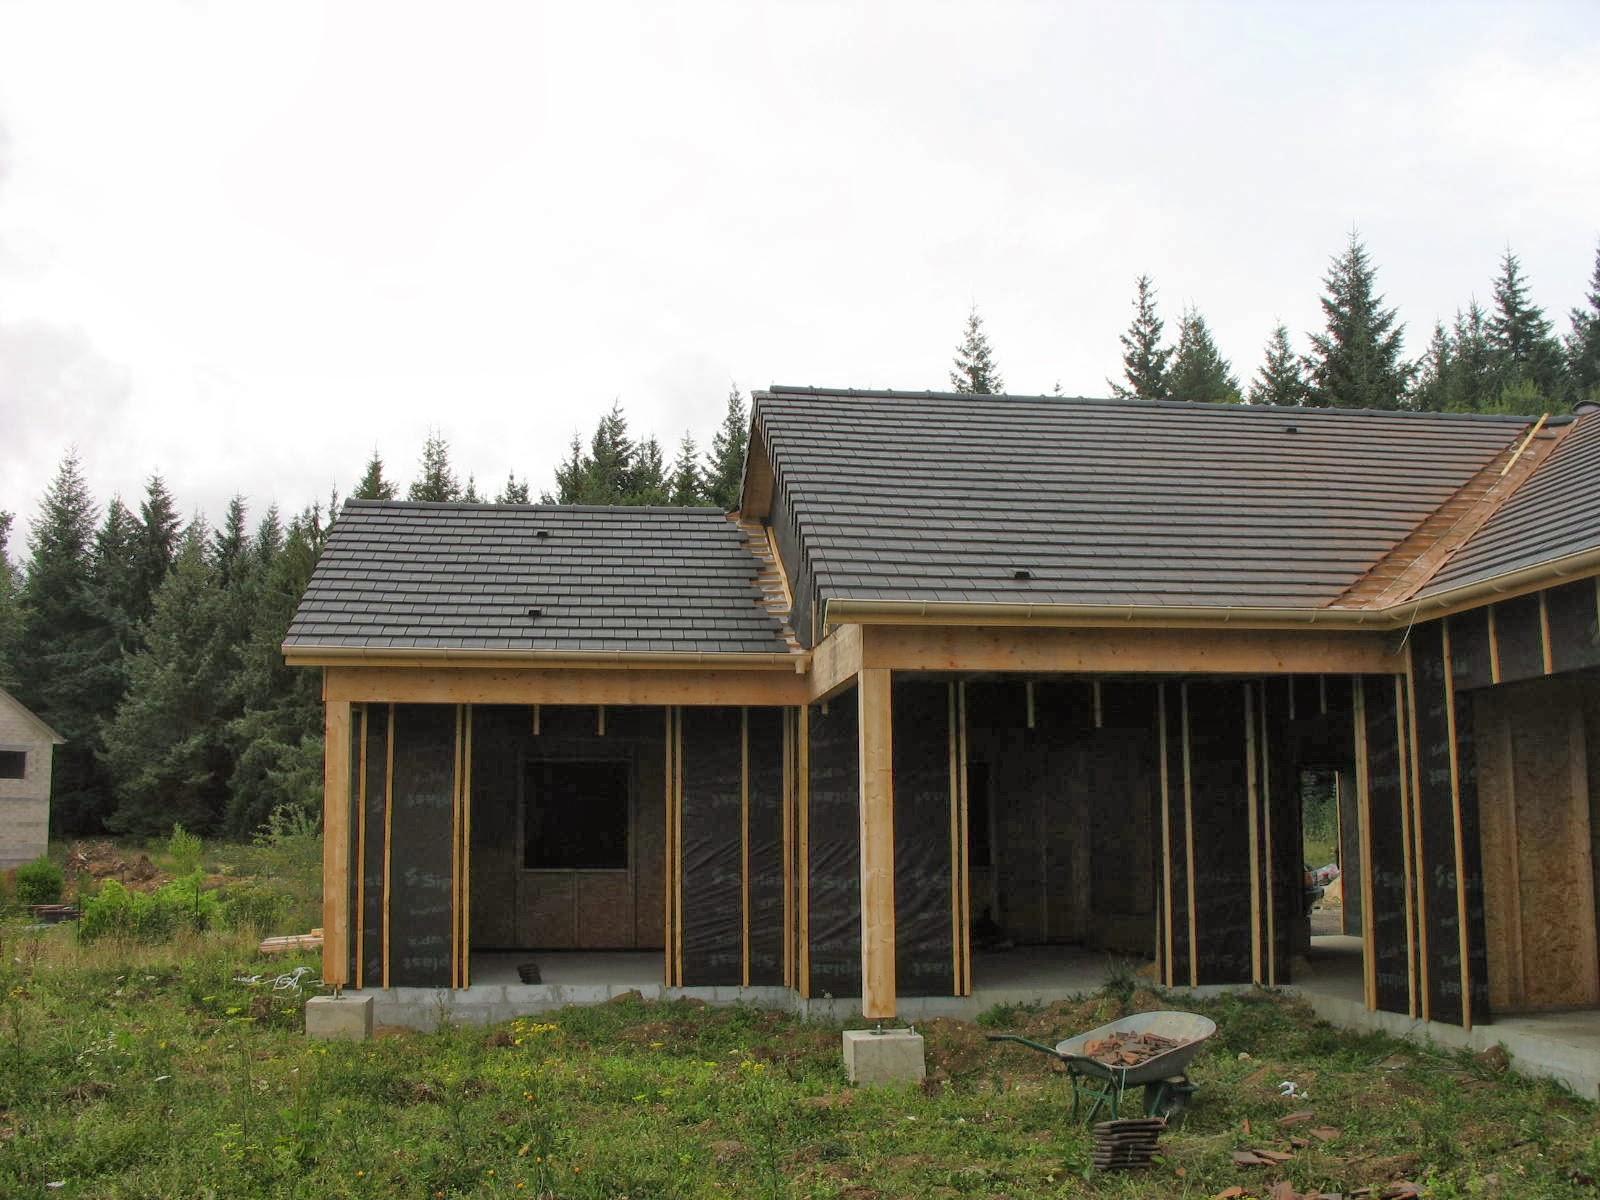 Construire sa maison en bois on pose les tuiles for Construire sa maison bois